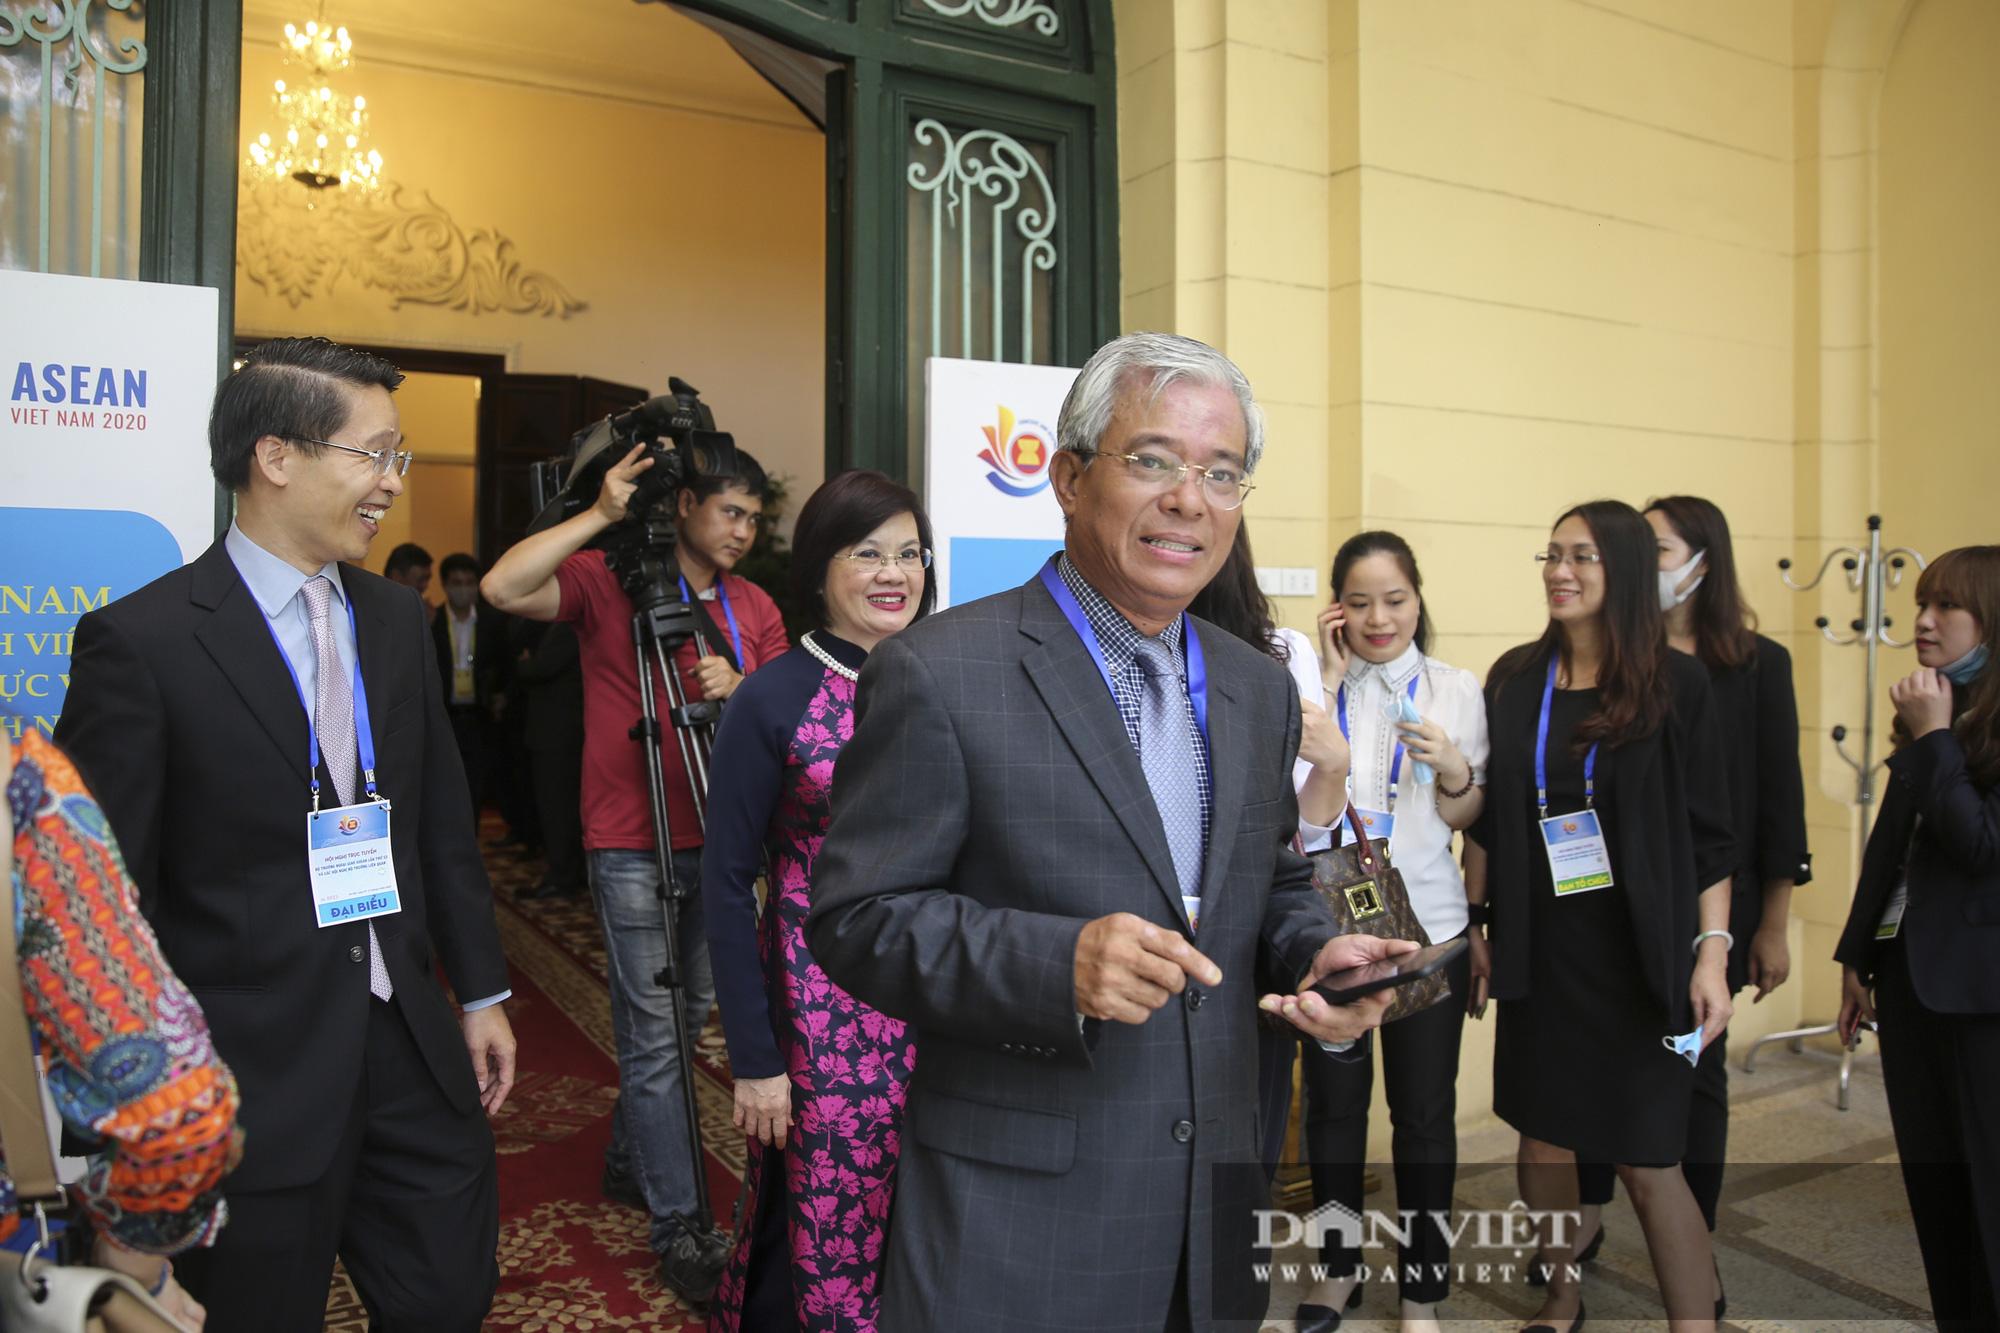 Toàn cảnh Hội nghị Bộ trưởng Bộ trưởng Ngoại giao ASEAN lần thứ 53 - Ảnh 8.